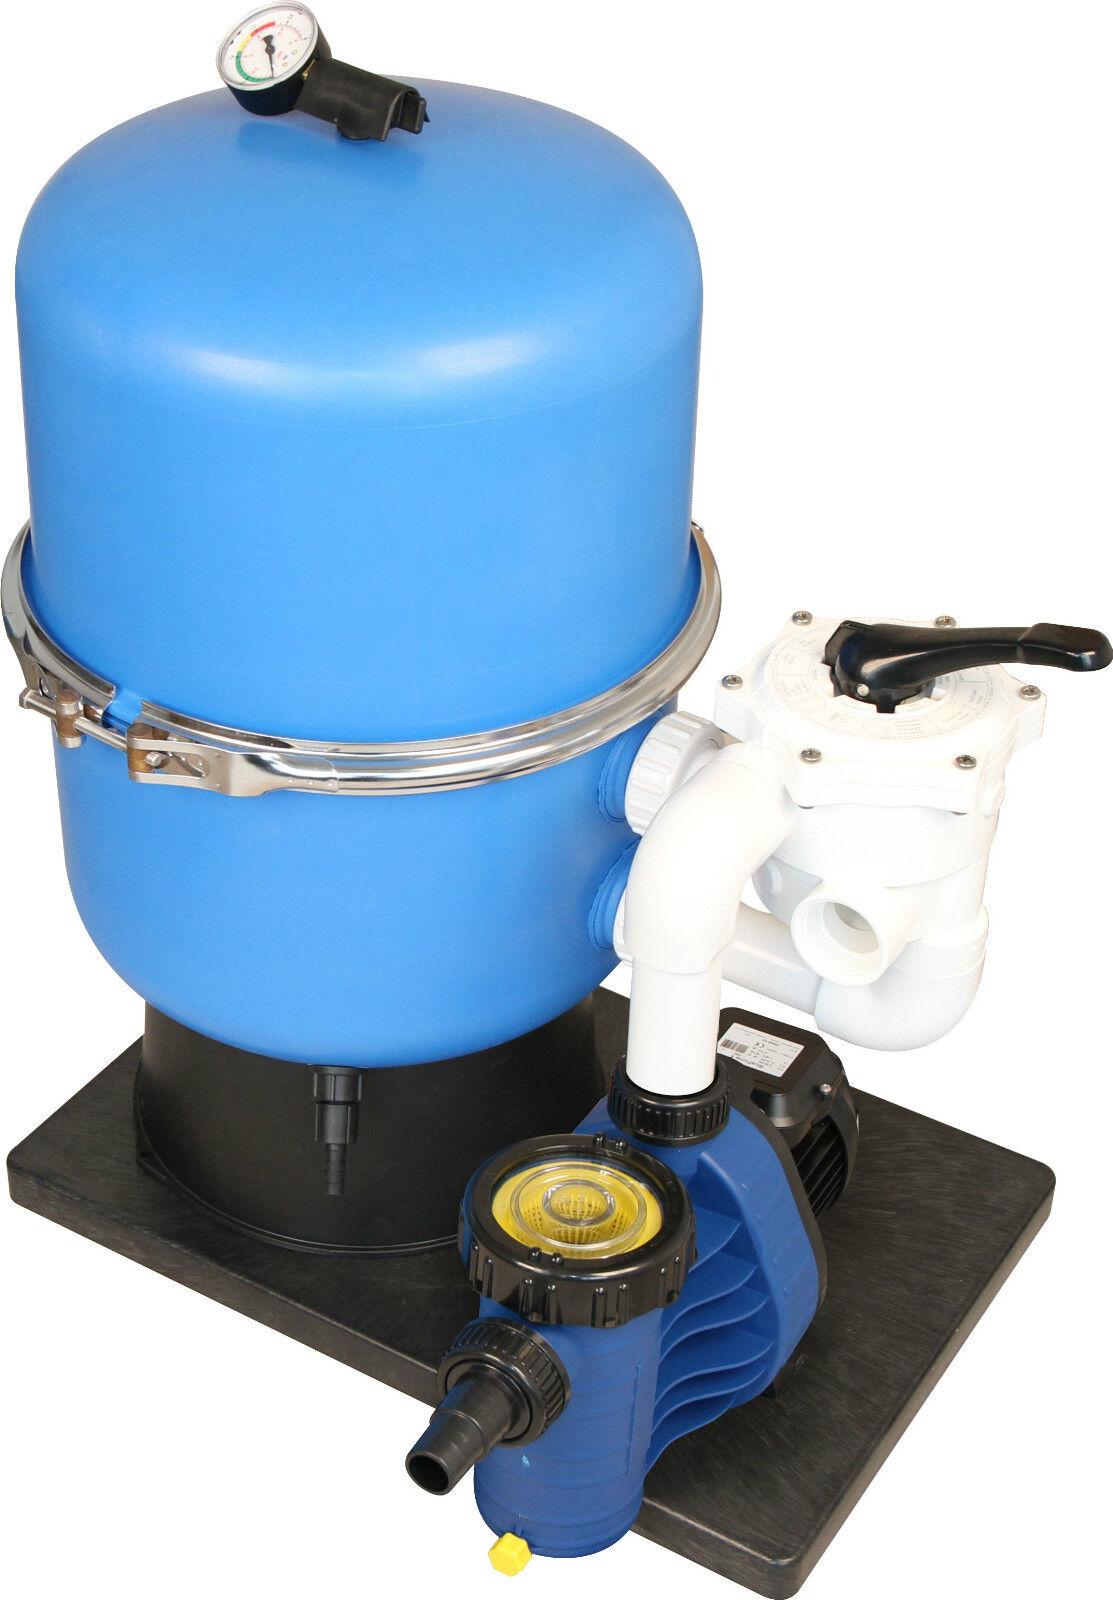 Filterpalette Zirkel für 600mm Sandfilterkessel D31999